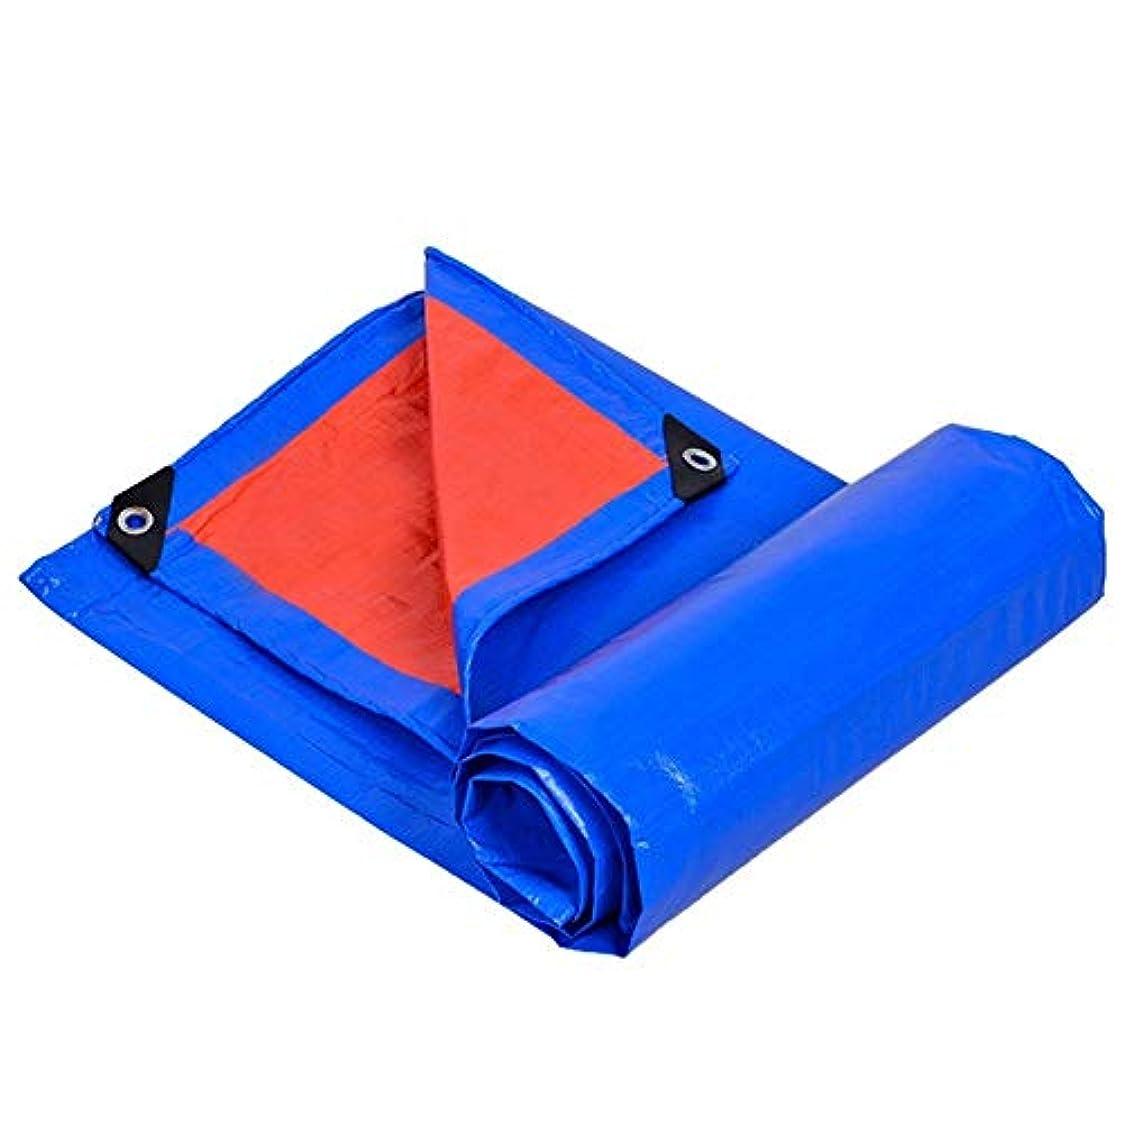 無数の不格好郵便局防水シート防水防水シート、グロメット付き耐摩耗性軽量カバークロス、トレーラー用多目的車テントボート FENGMIMG (色 : 青, サイズ さいず : 5x8M)